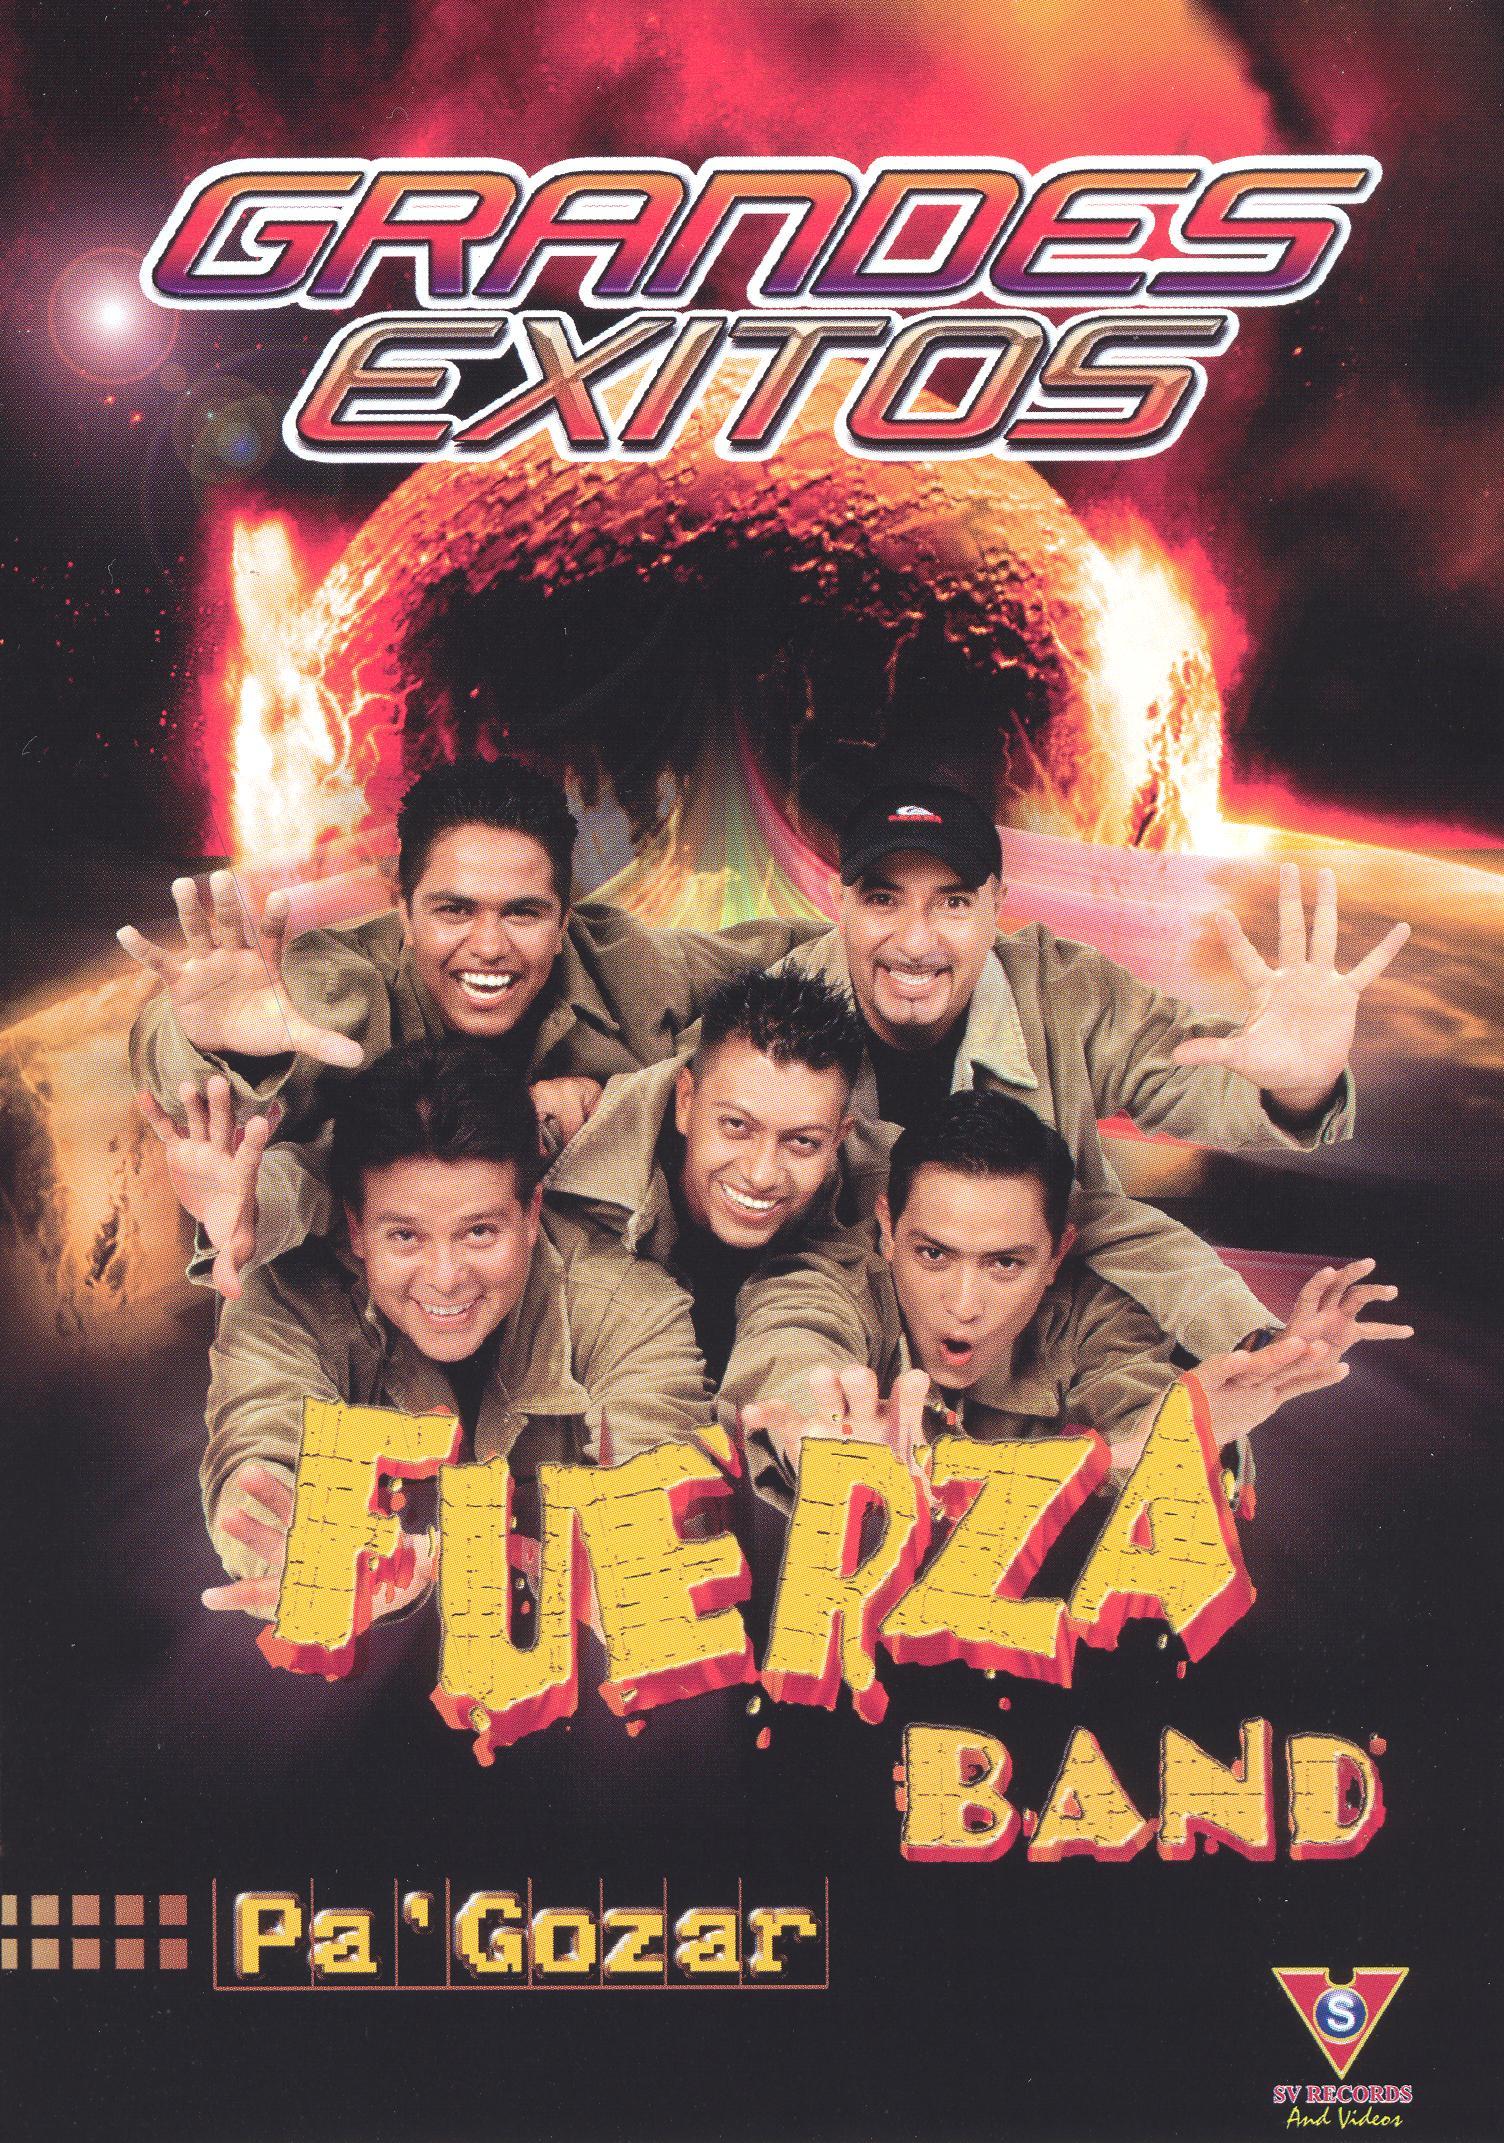 Fuerza Band: Grandes Exitos Pa Gozar